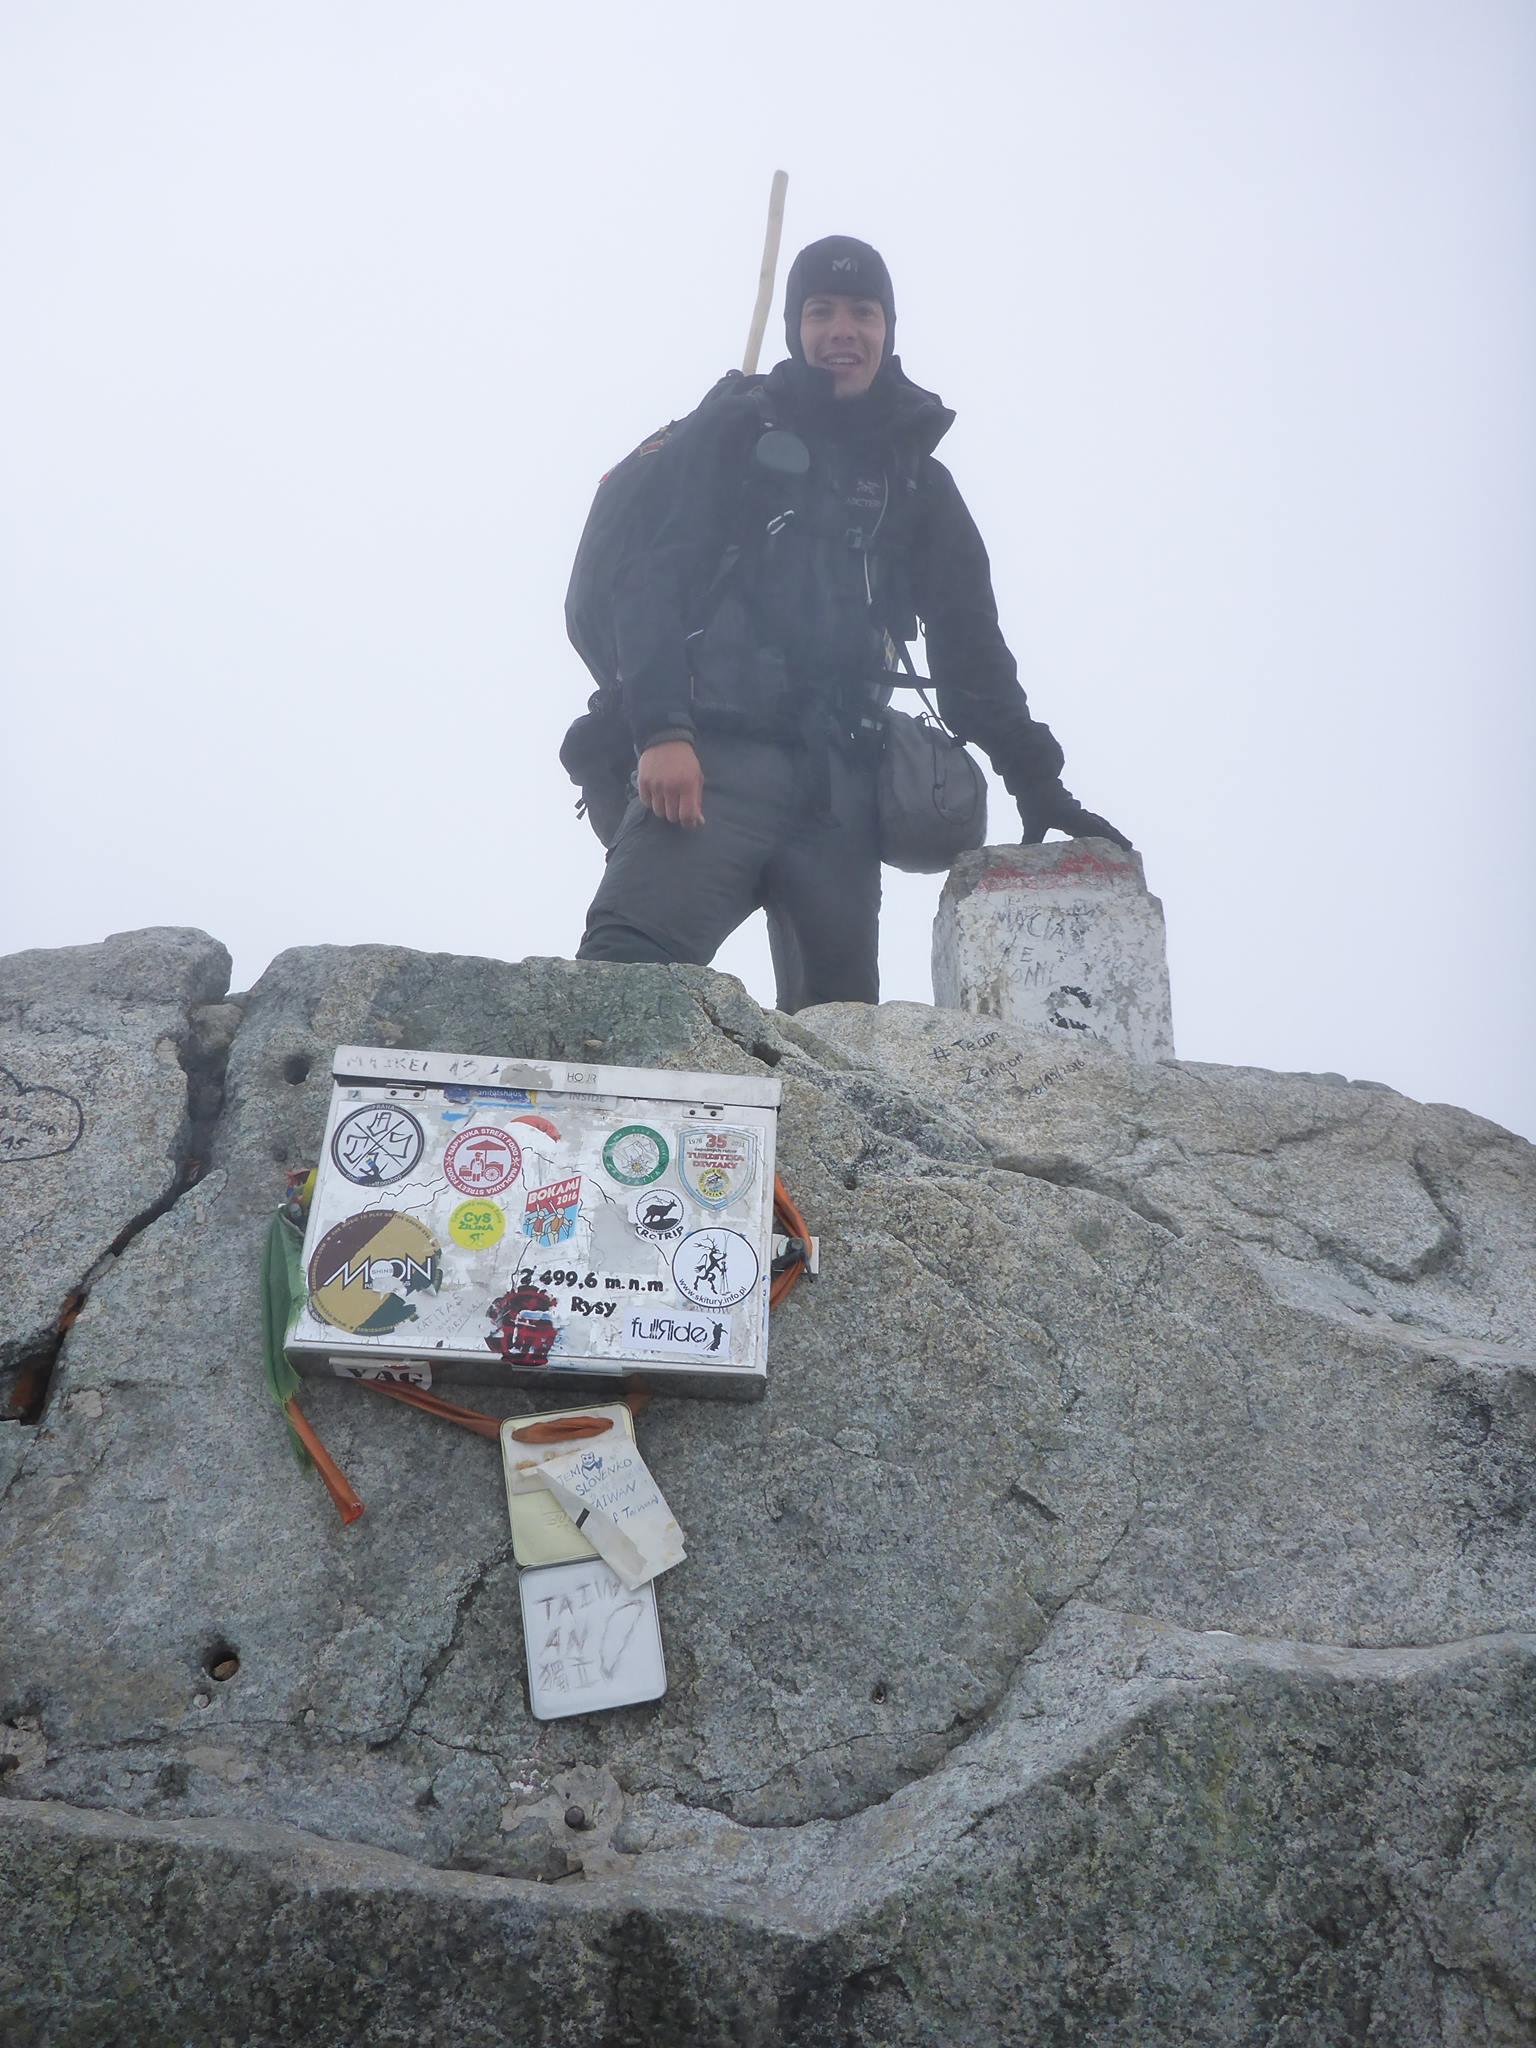 Et nous arrivons enfin au sommet à 2499 mètres, quel bonheur !